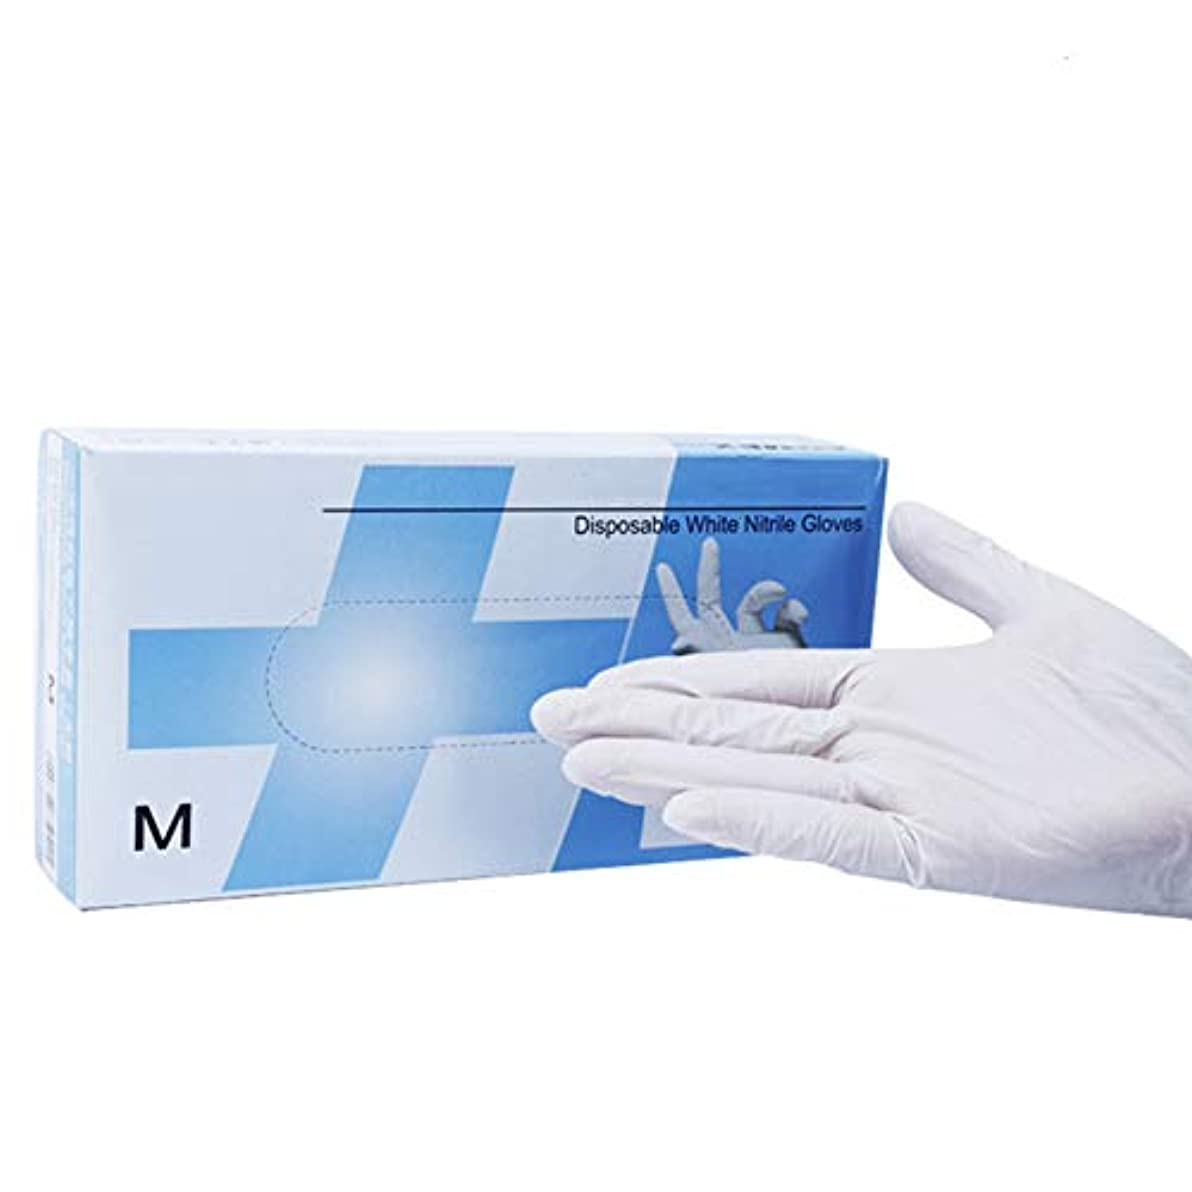 光グリース租界パウダーフリー 生殖不能 メディカル 白 ニトリル 手袋、 使い捨て 安全性 滑り止め ビニール 検査 グローブ、 に適し クリーニング、 食品加工、 (100個/ 1箱),M